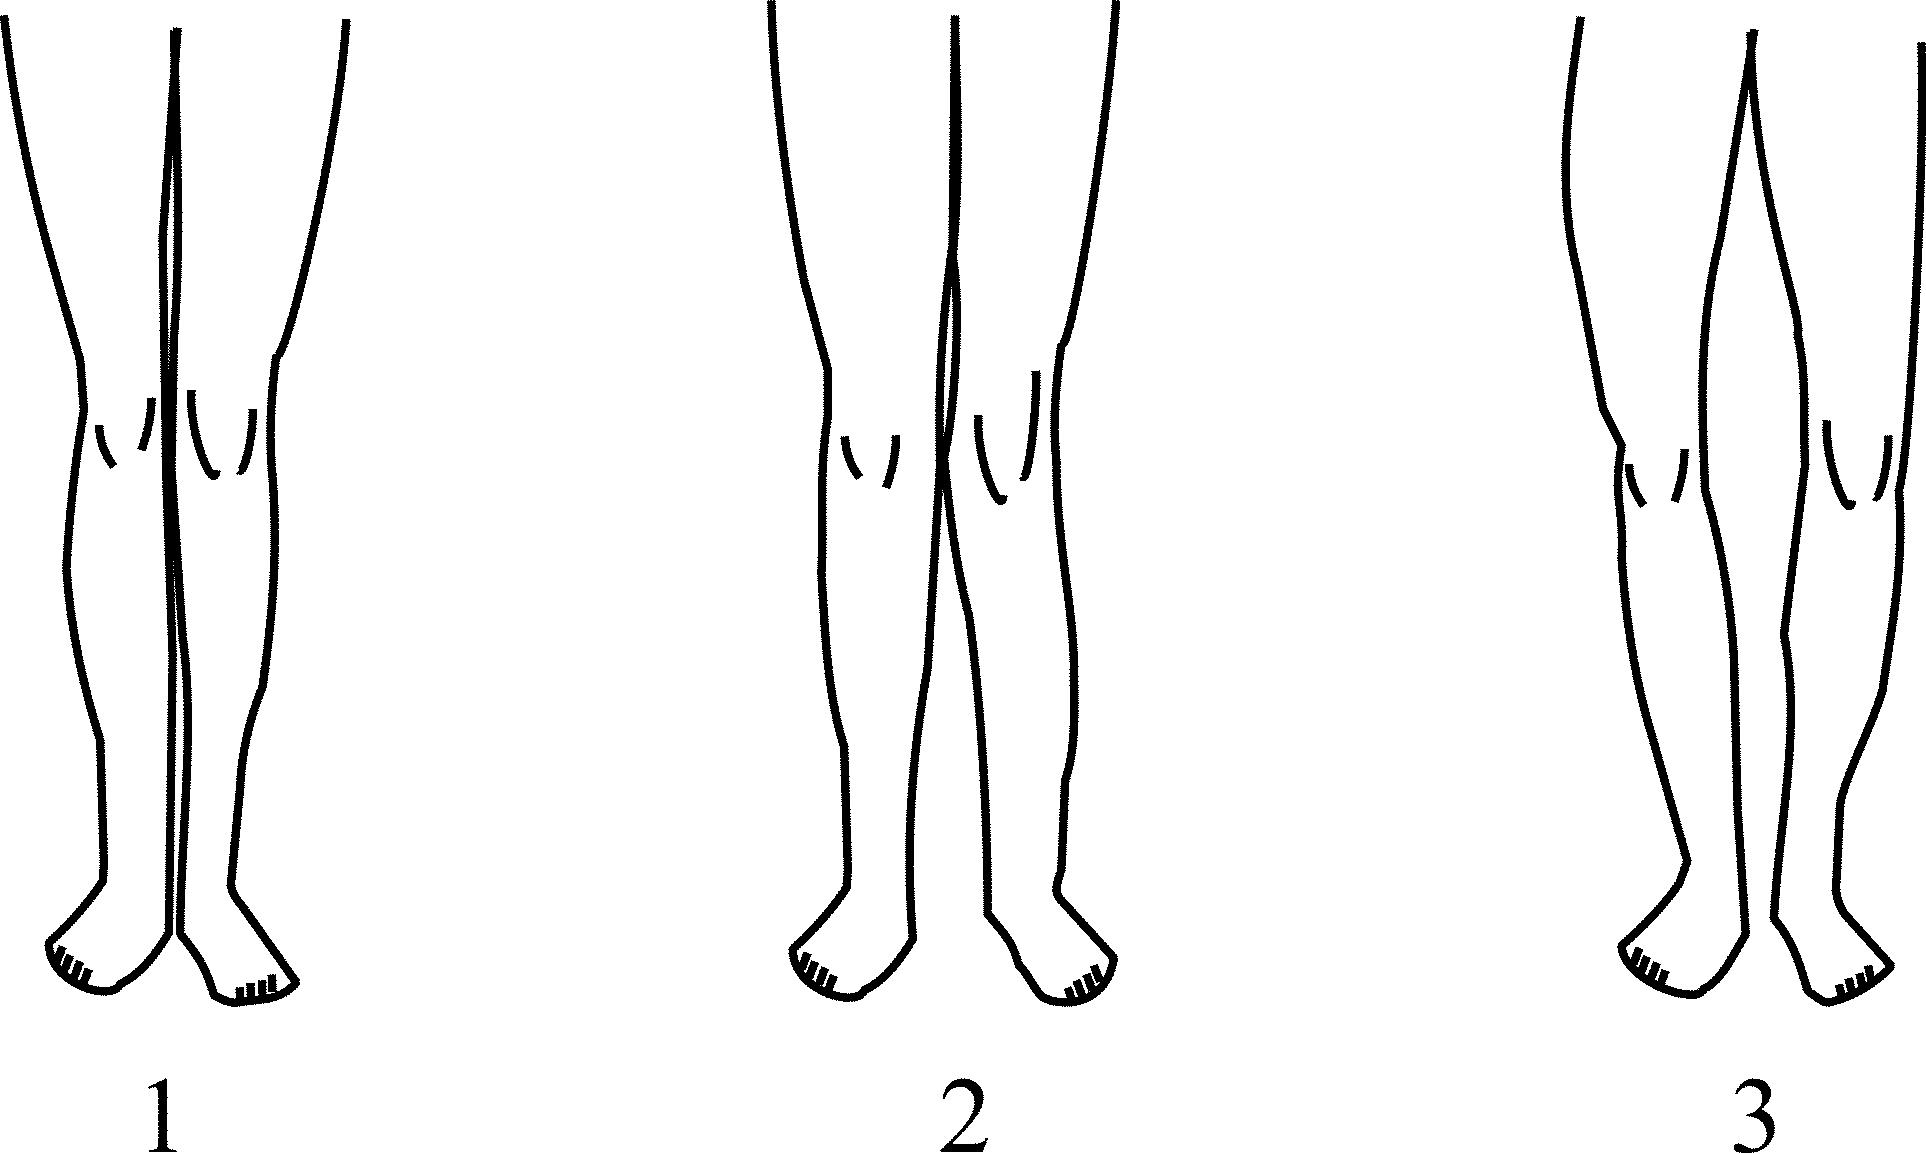 Нормальные ноги картинки